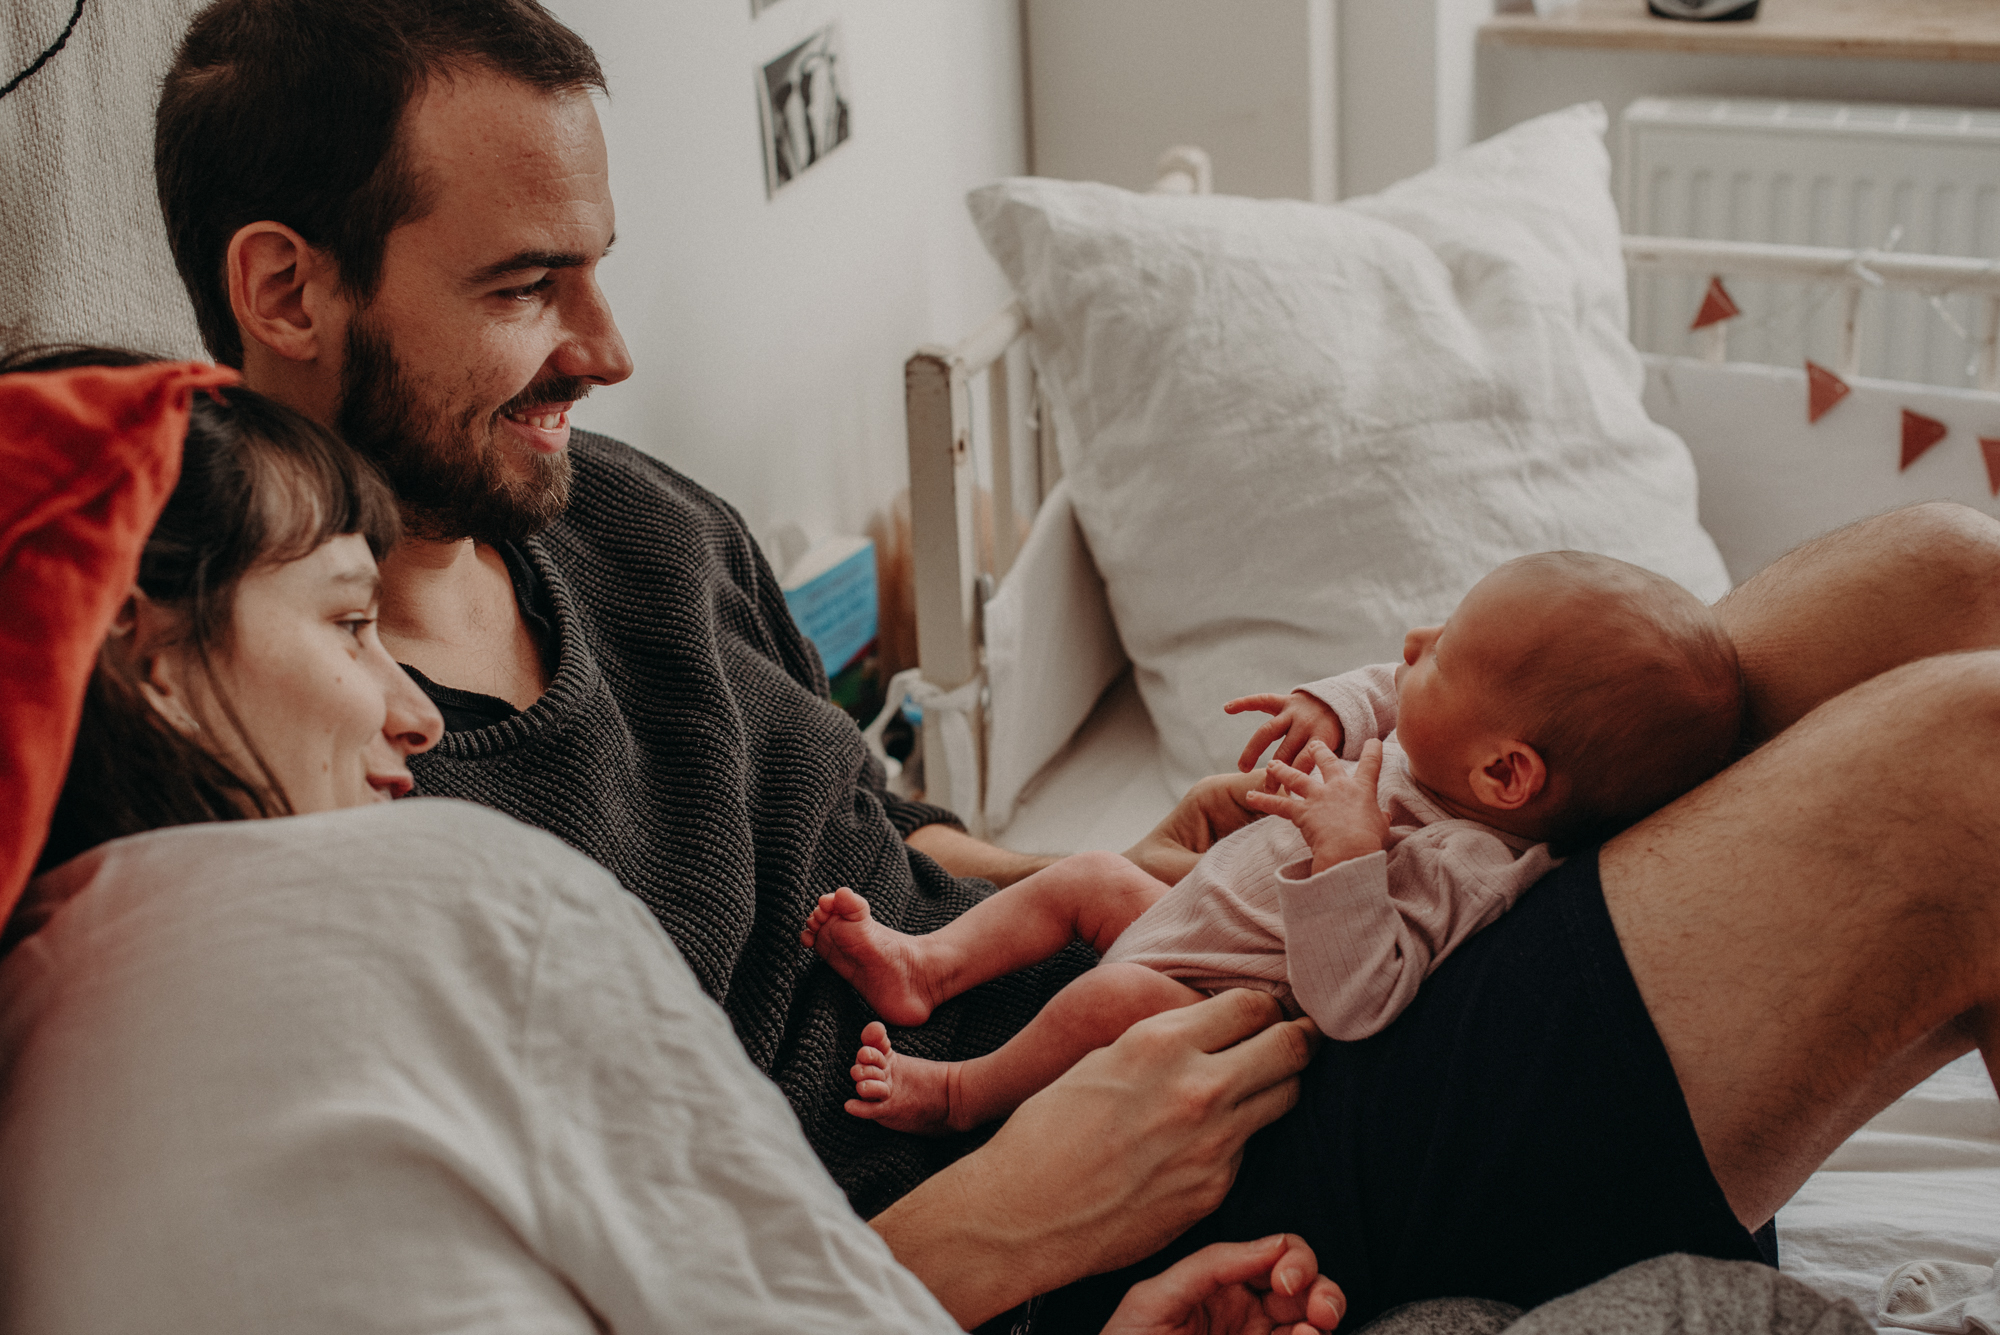 Familienfoto mit Neugeborenen im Wochenbett, Blogpost Babyfotoshooting selber machen, Fotografin Freiburg